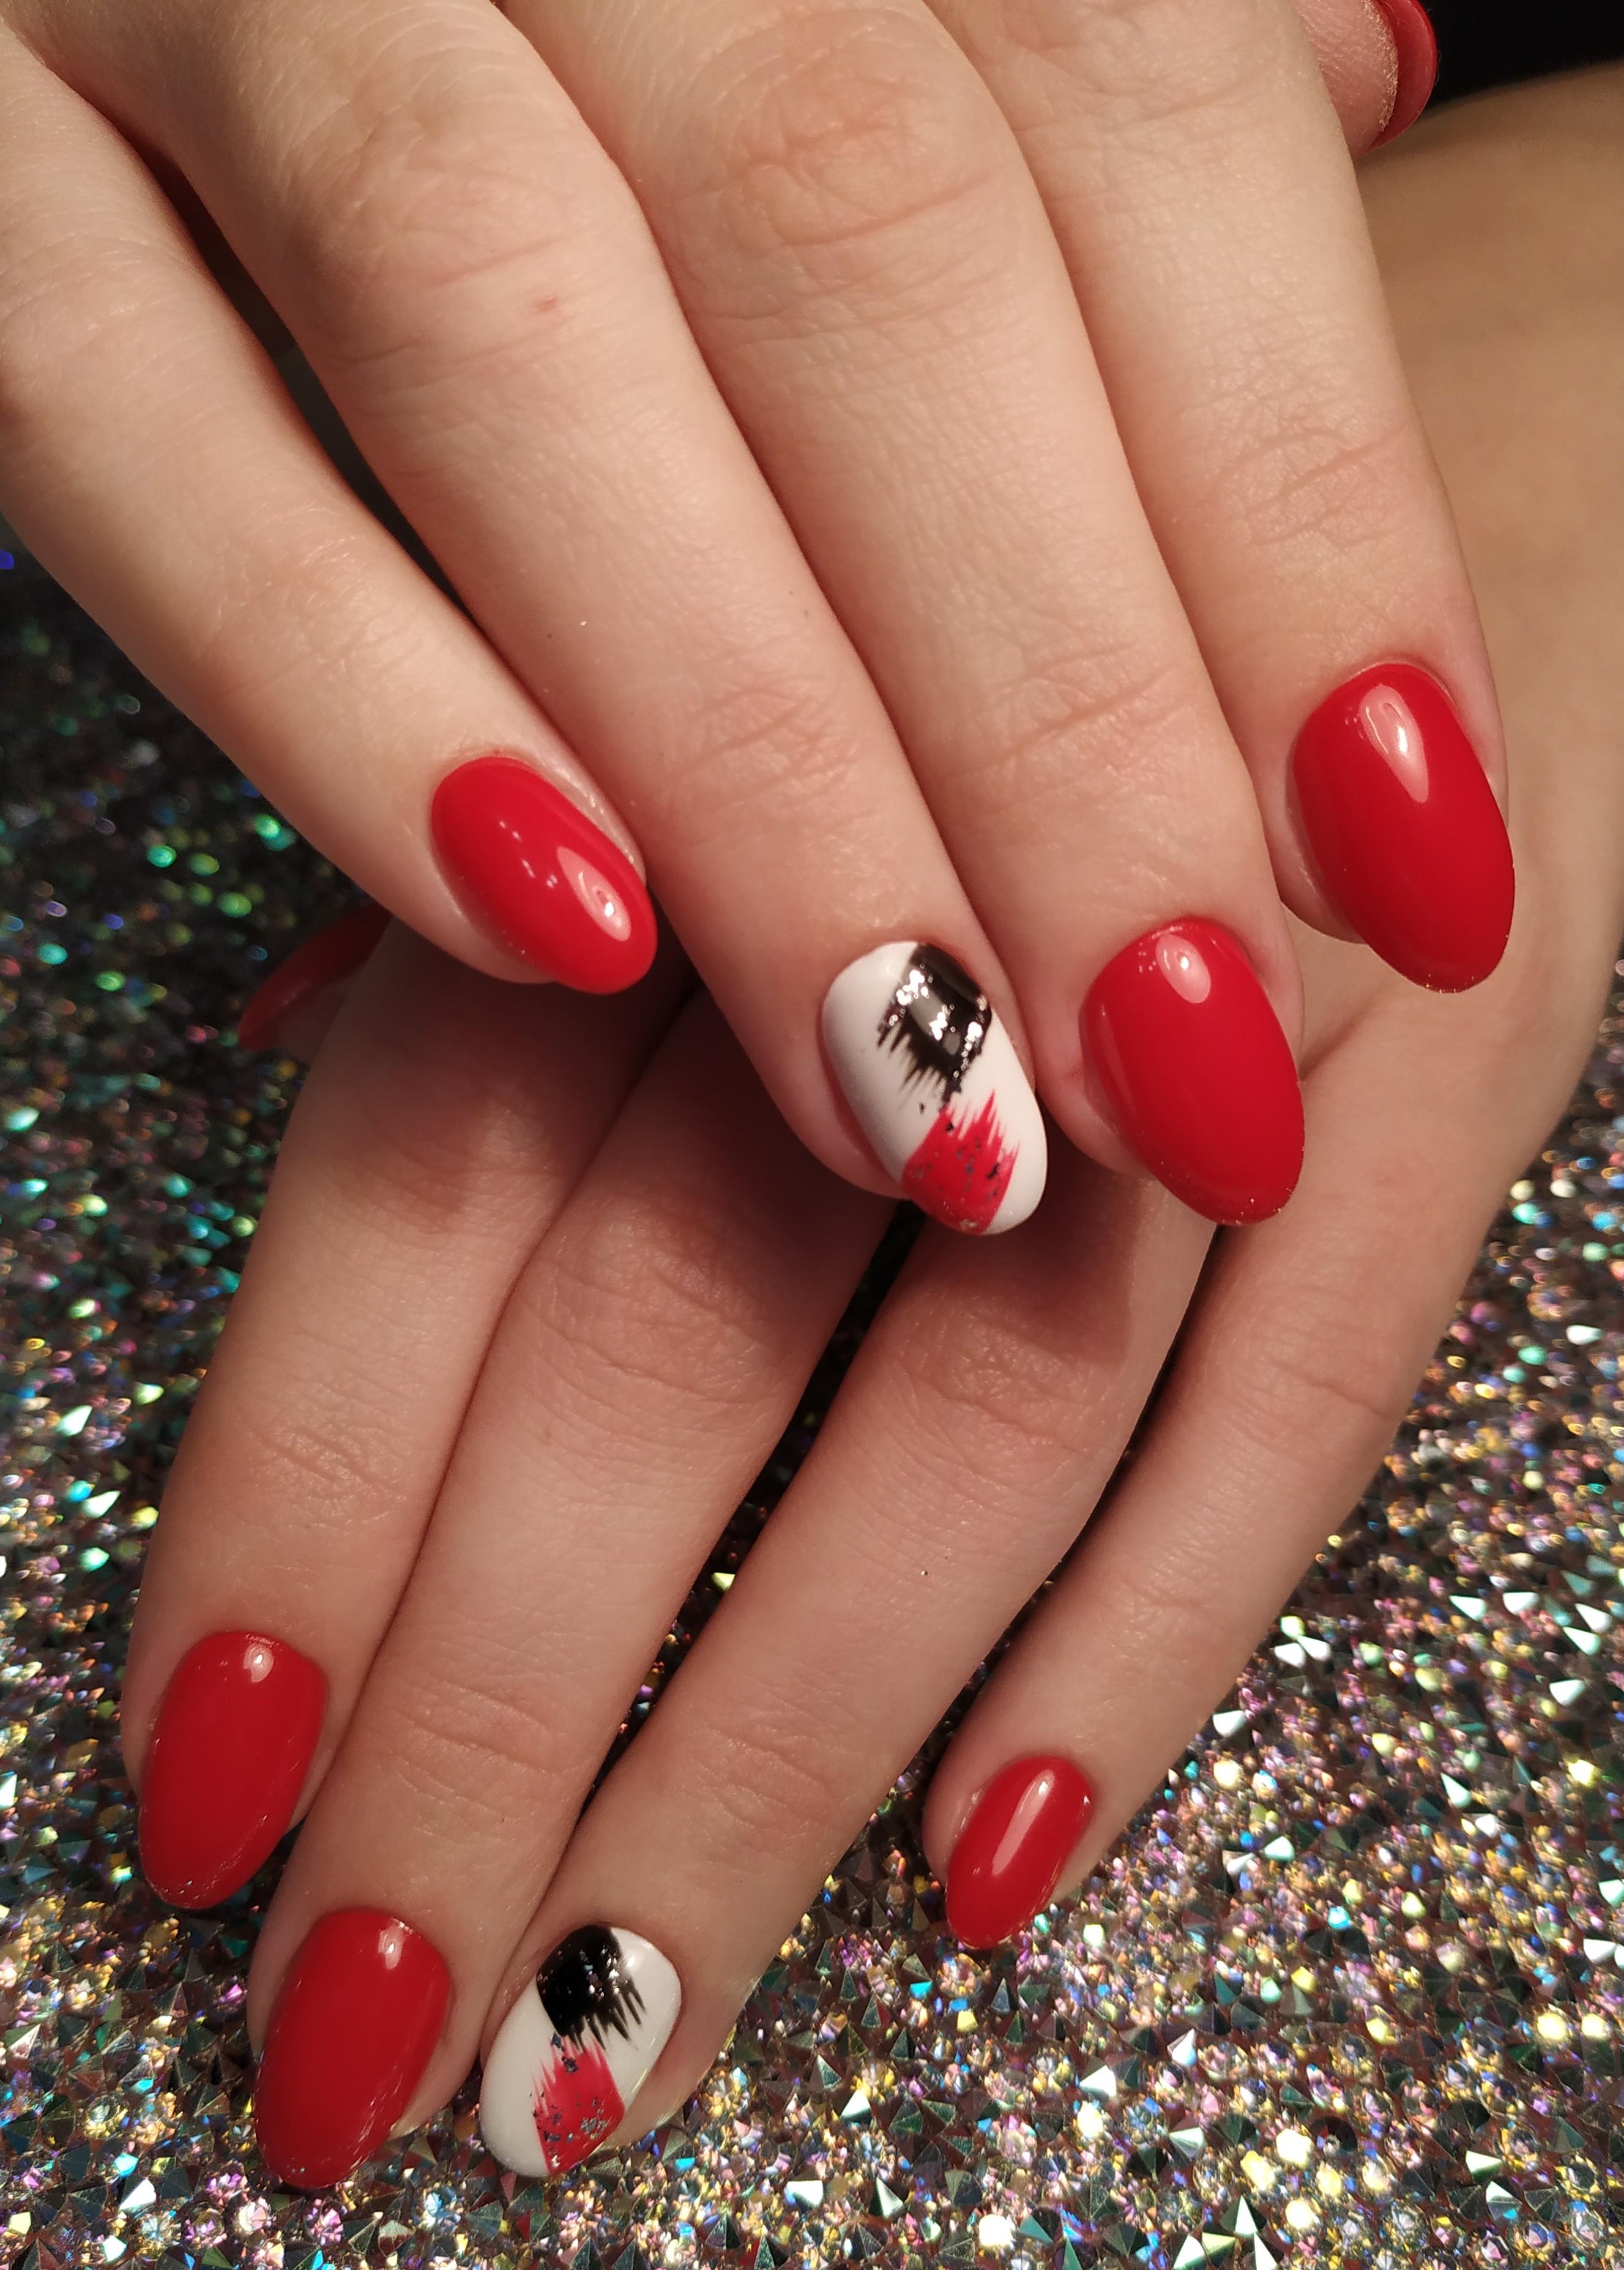 Маникюр в красном цвете с абстрактным рисунком и блёстками.